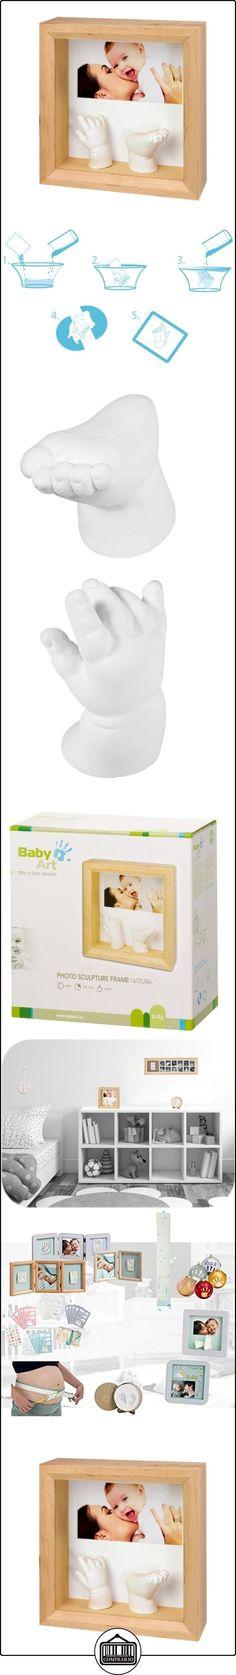 Baby Art 34120081 - Marco para foto con material para molde de pie y mano 3D, color madera natural  ✿ Regalos para recién nacidos - Bebes ✿ ▬► Ver oferta: http://comprar.io/goto/B0063PYMQY